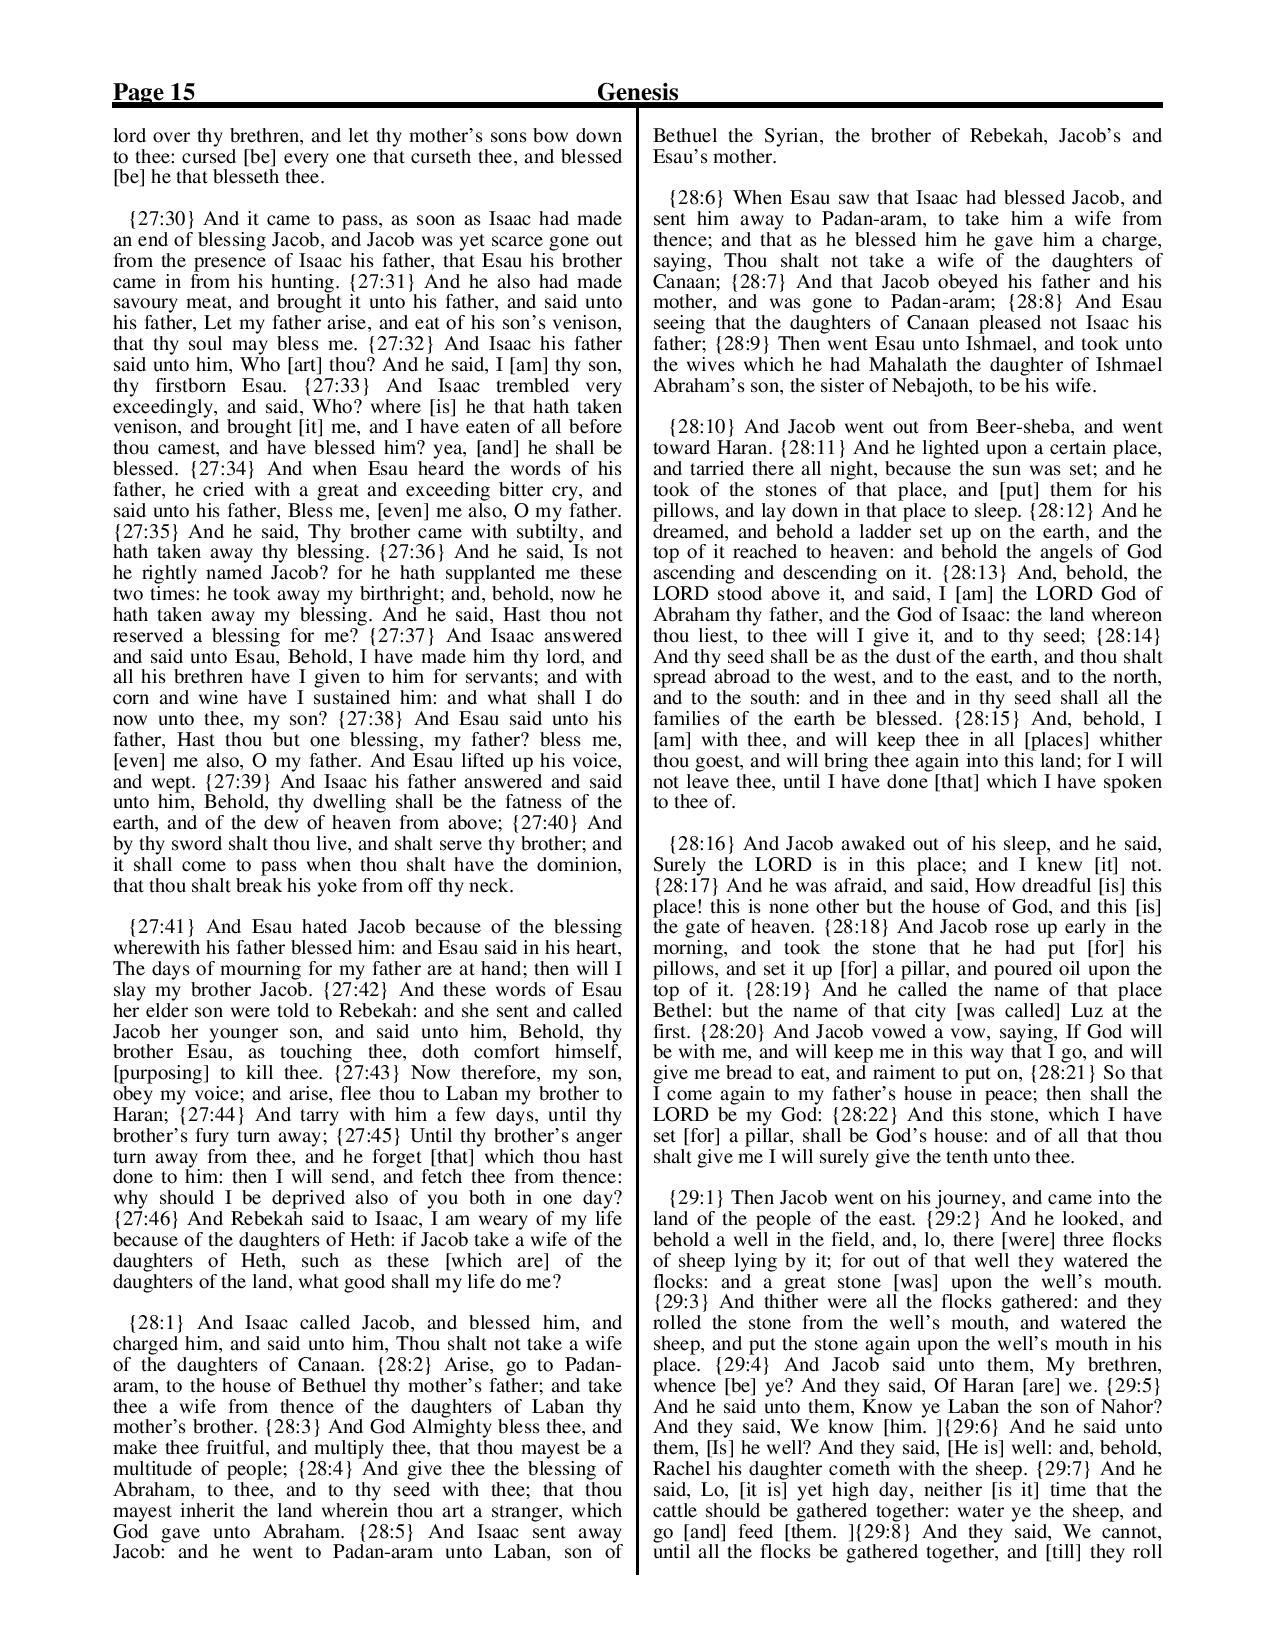 King-James-Bible-KJV-Bible-PDF-page-036